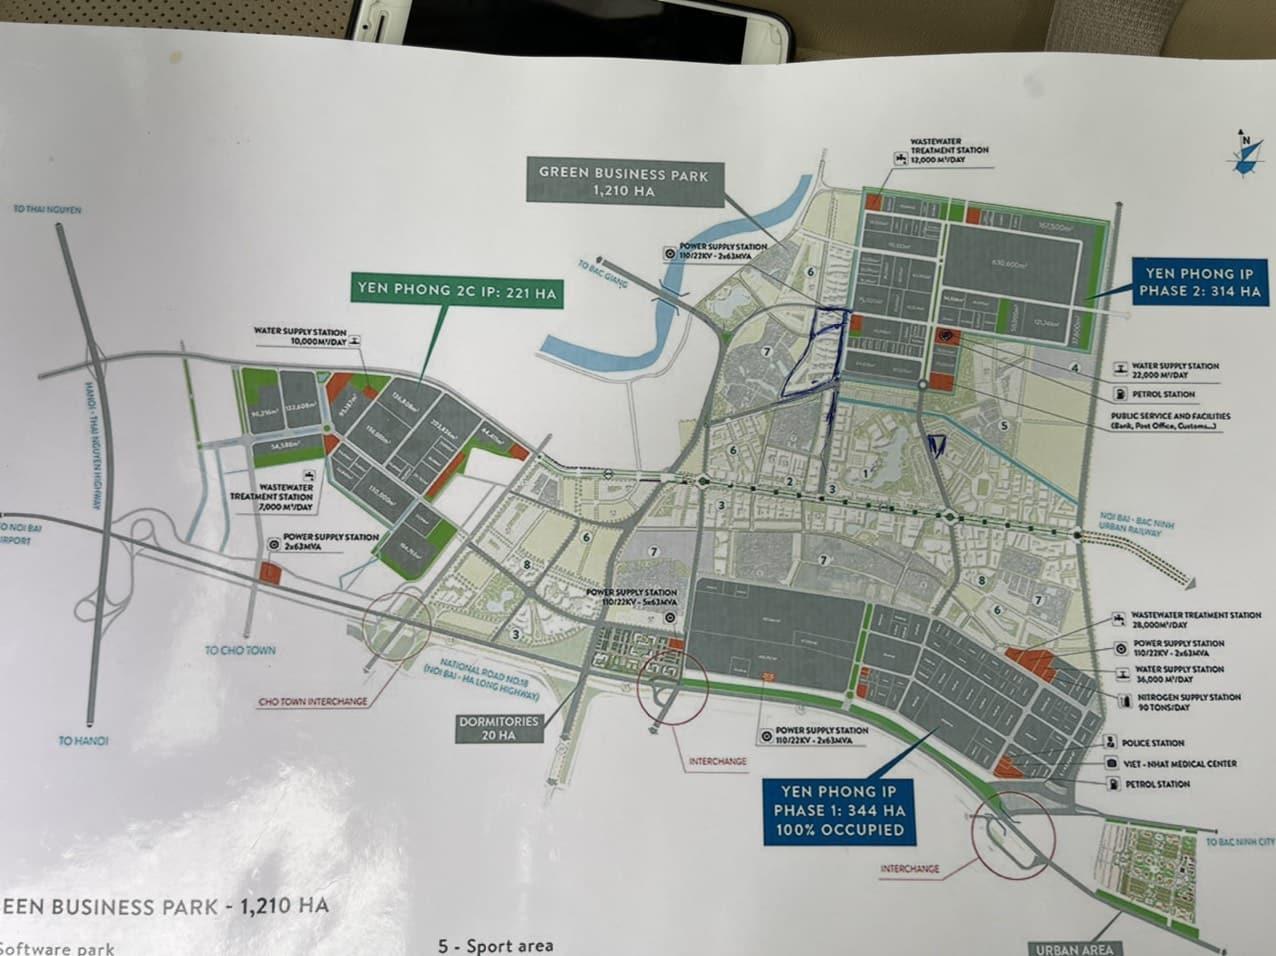 Dự án An Bình Vọng Đông sở hữu vị trí Trung tâm Kinh tế FDI Miền Bắc